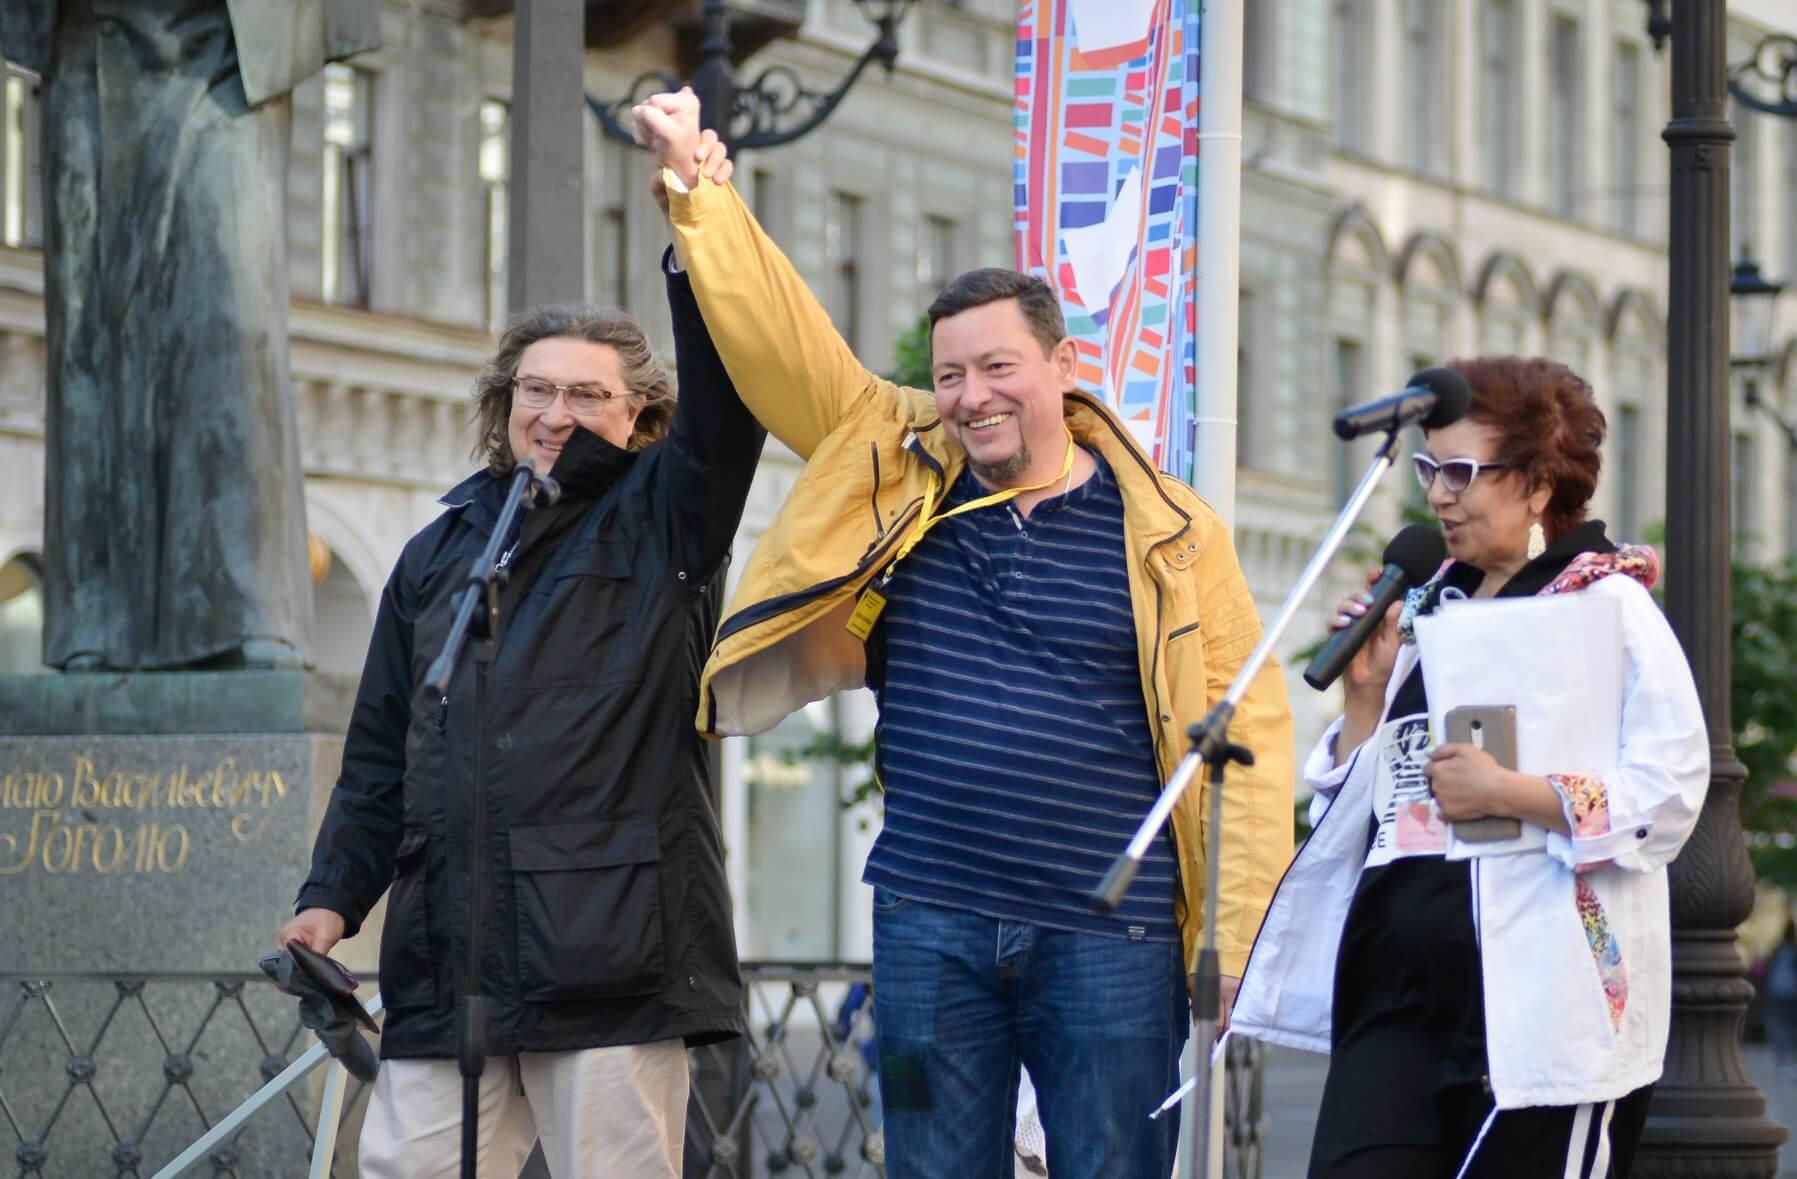 Александр Александров (Фагот), Андрей Коровин, Галина Илюхина